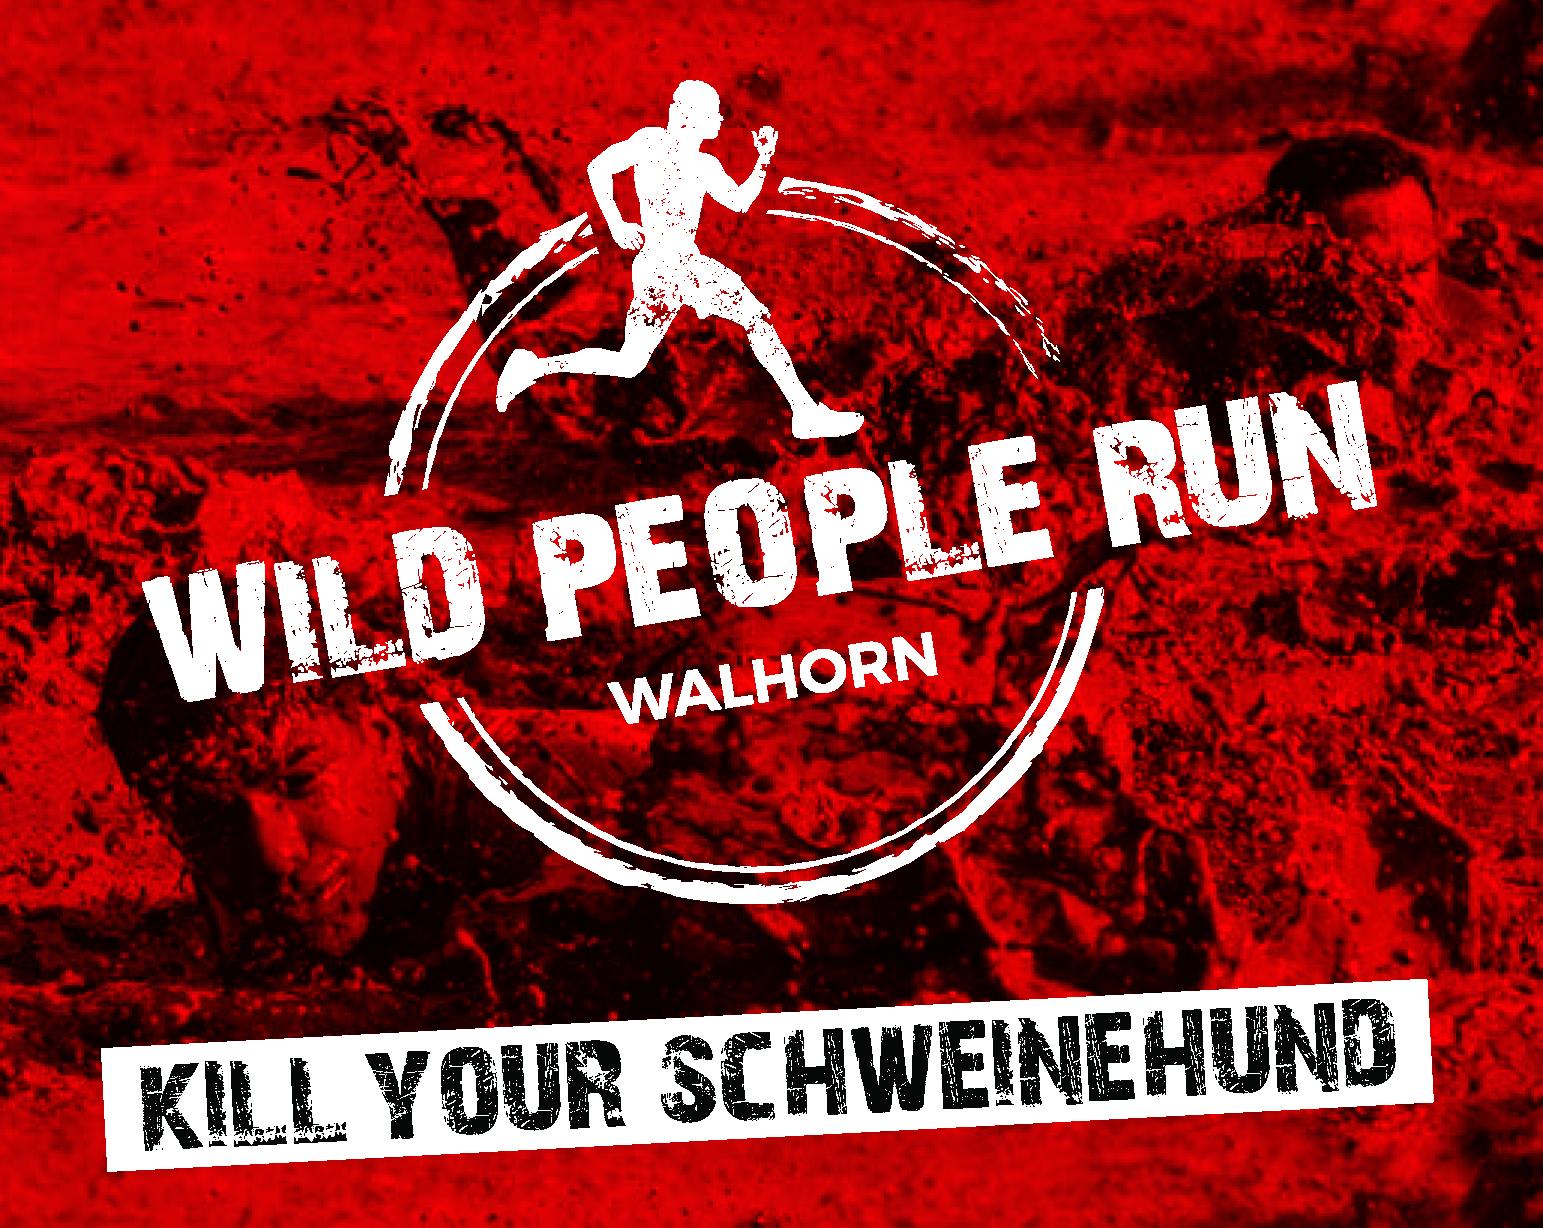 WILD PEOPLE RUN